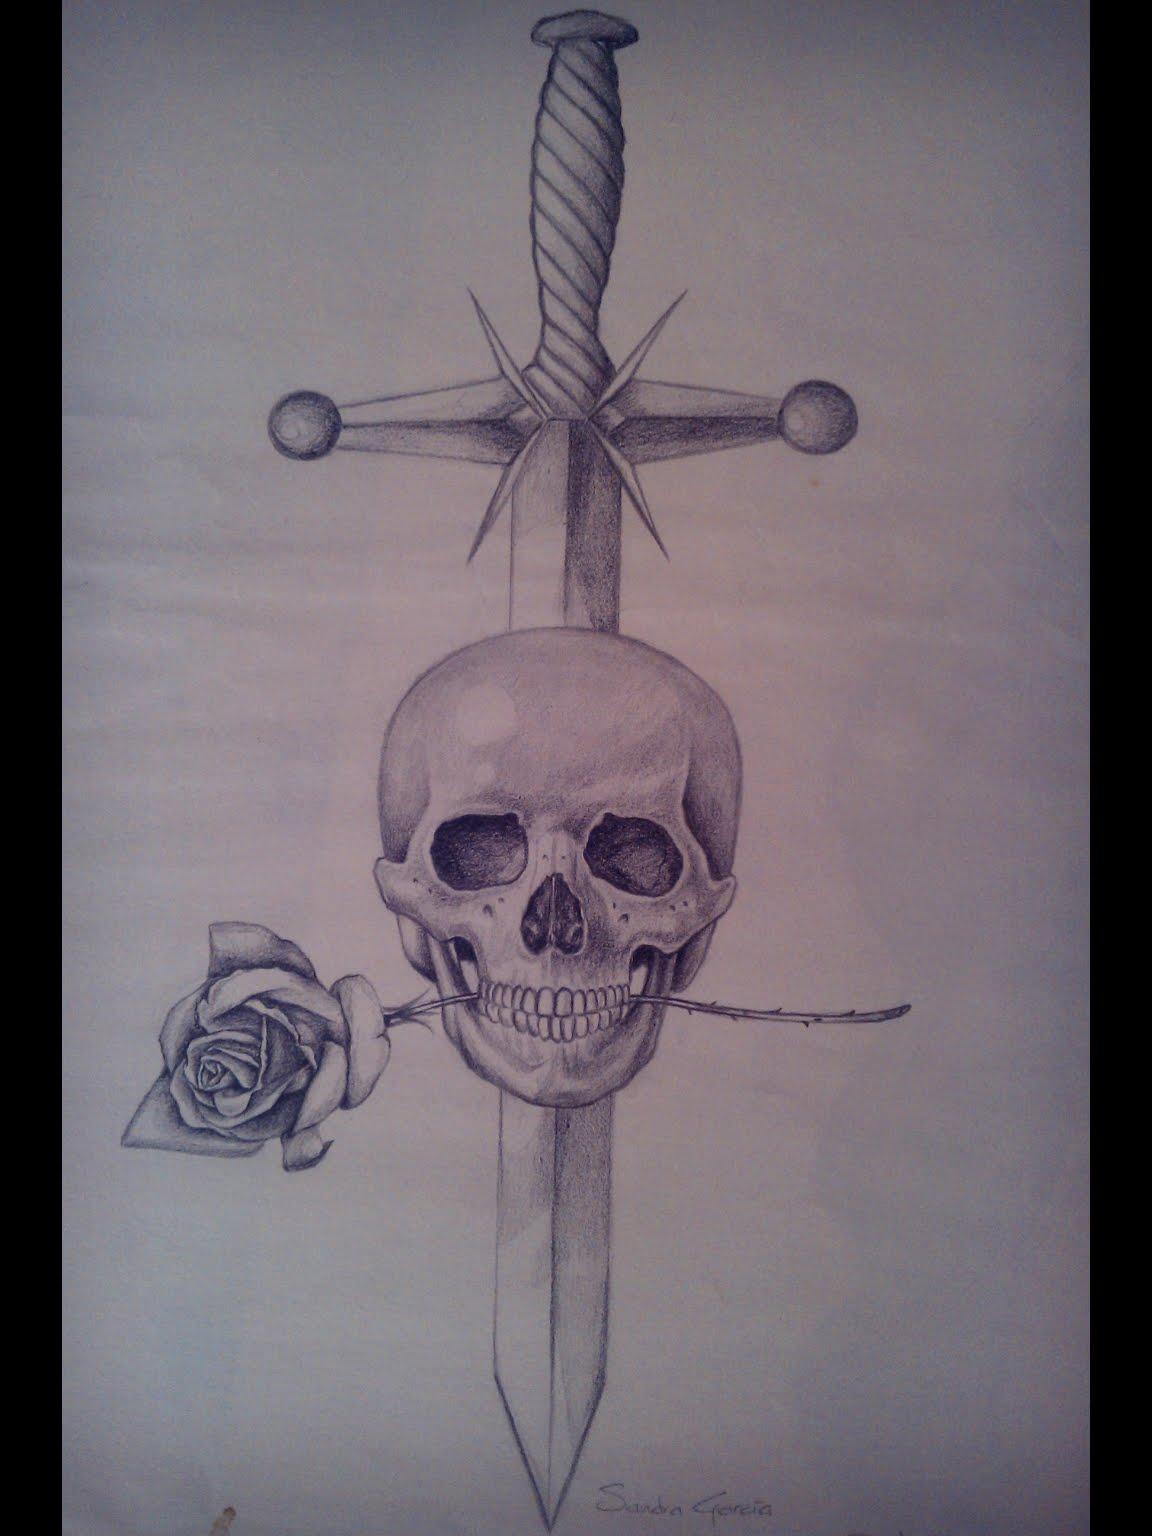 Musaenfuga: DIBUJO A LÁPIZ DE CALAVERA